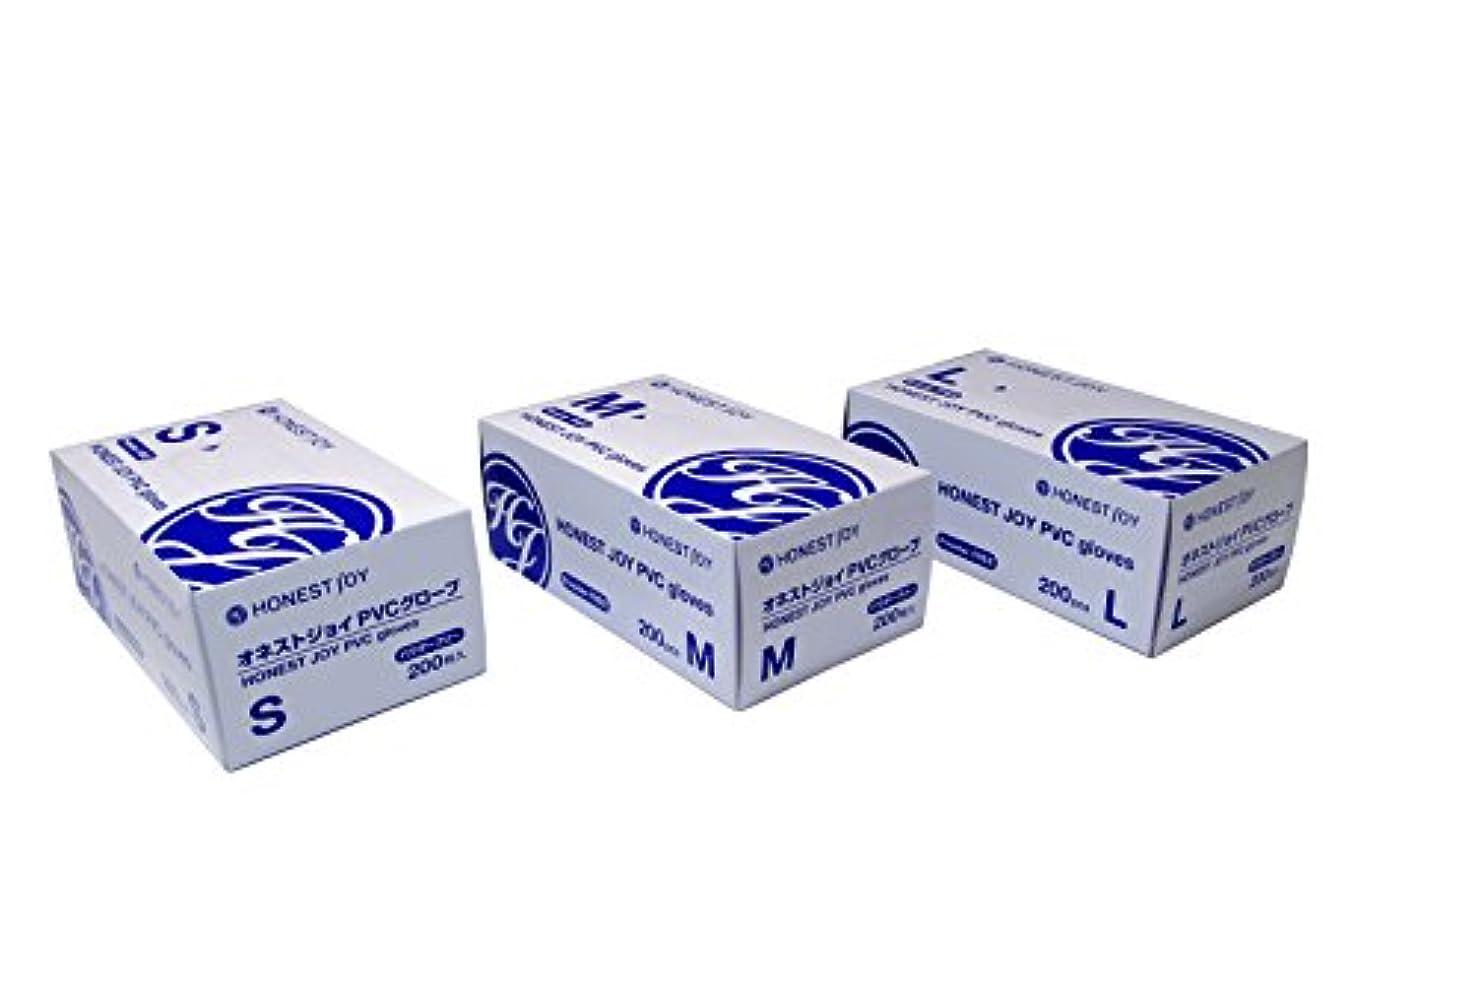 装置広げるポルティコオネストジョイ PVC グローブ パウダーフリー Sサイズ 1箱200枚入り